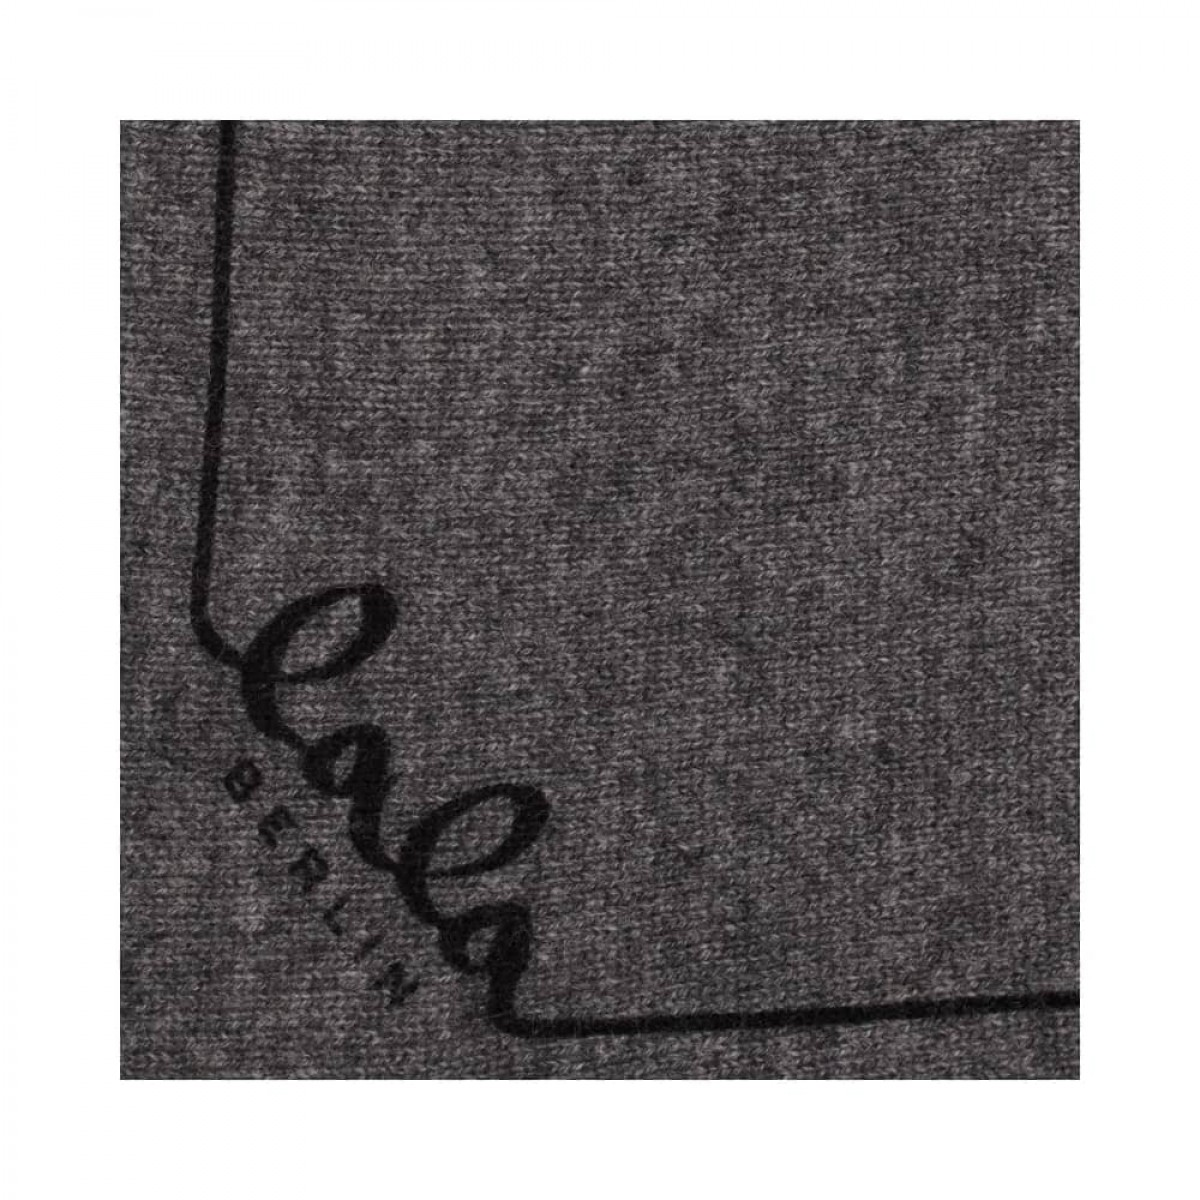 triangle solid logo l - lubecca - logo